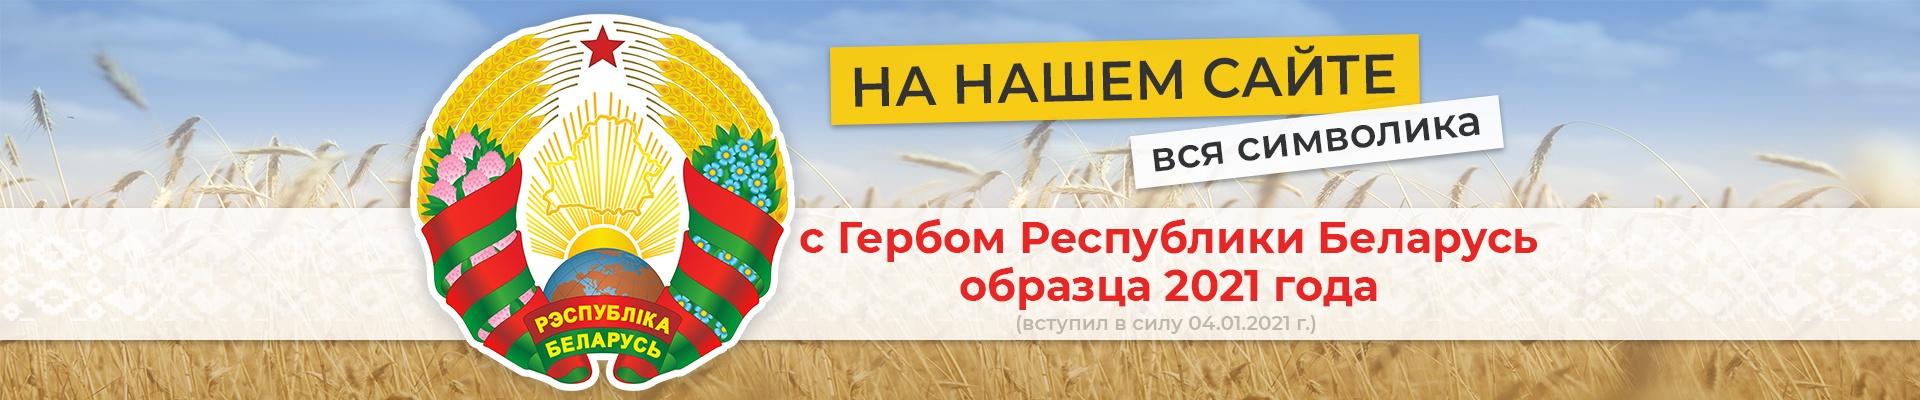 Герб Республики Беларусь образца 2021 года